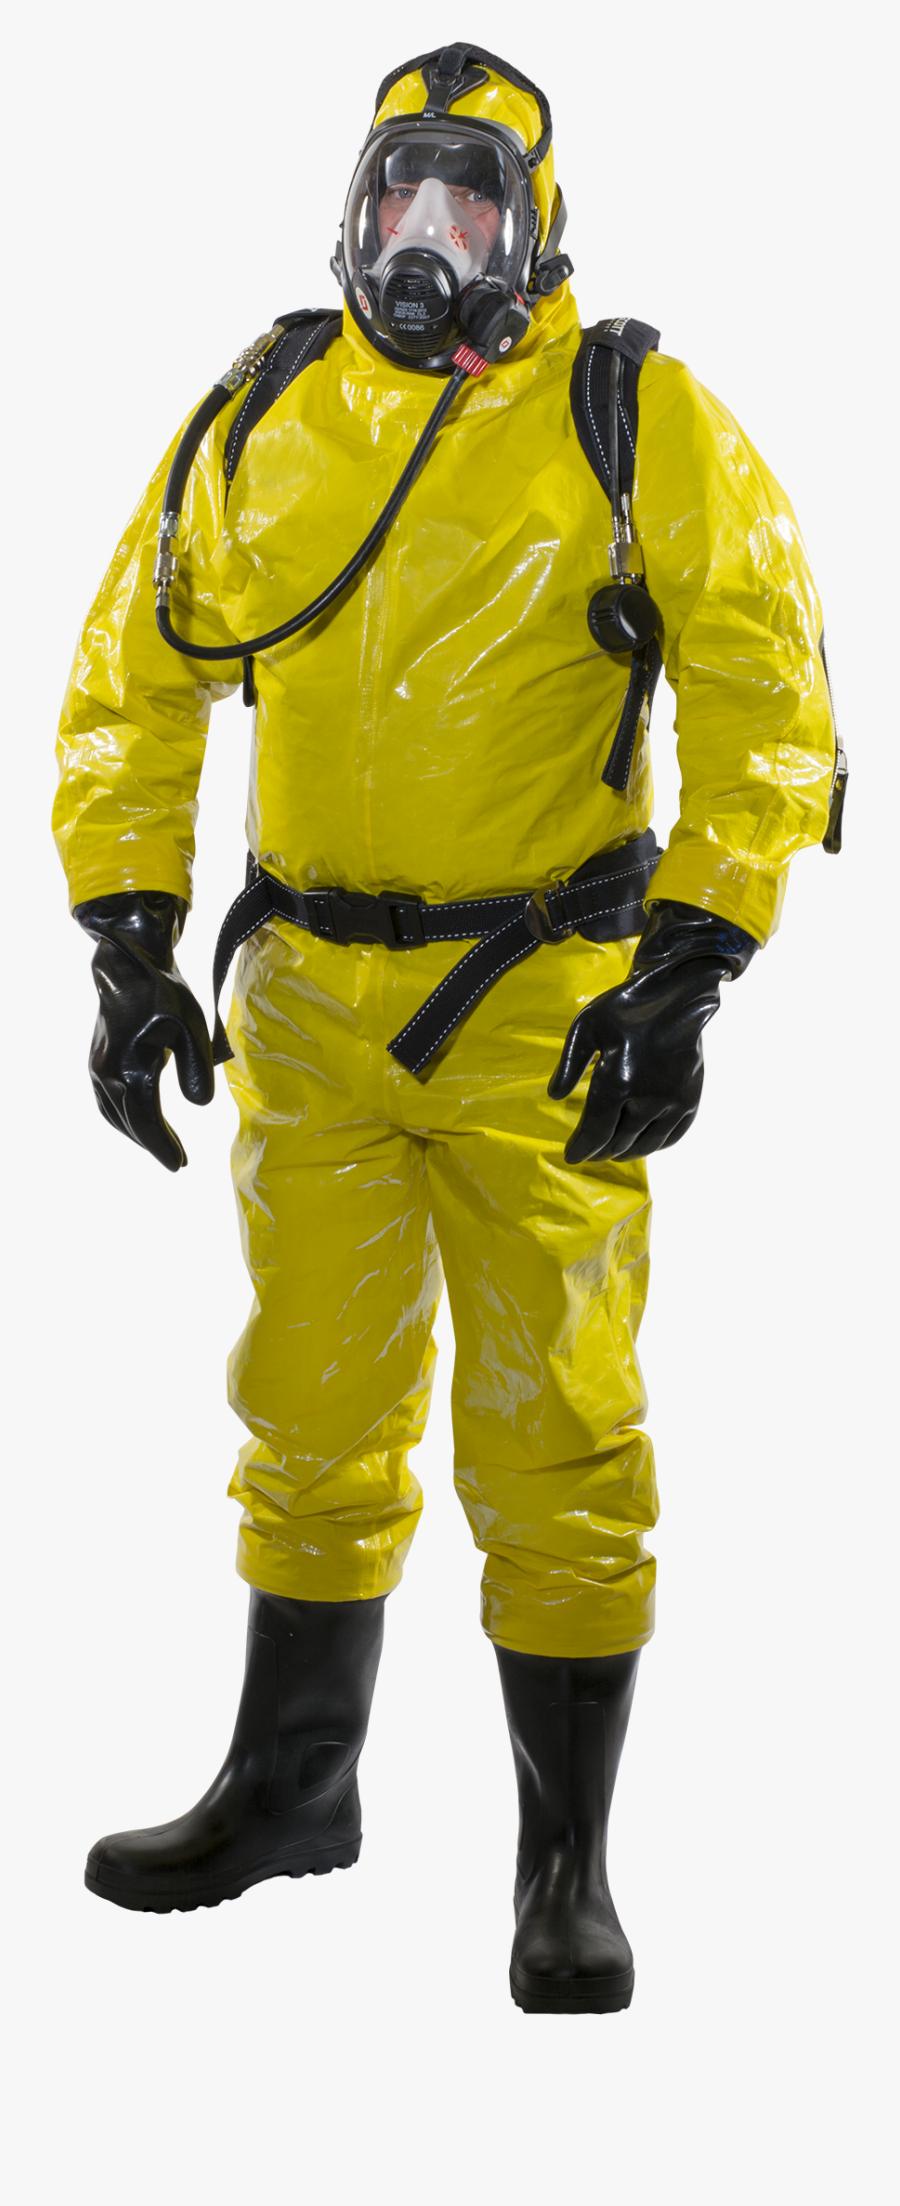 Clip Art Biohazard Suits - Biohazard Suit Png, Transparent Clipart